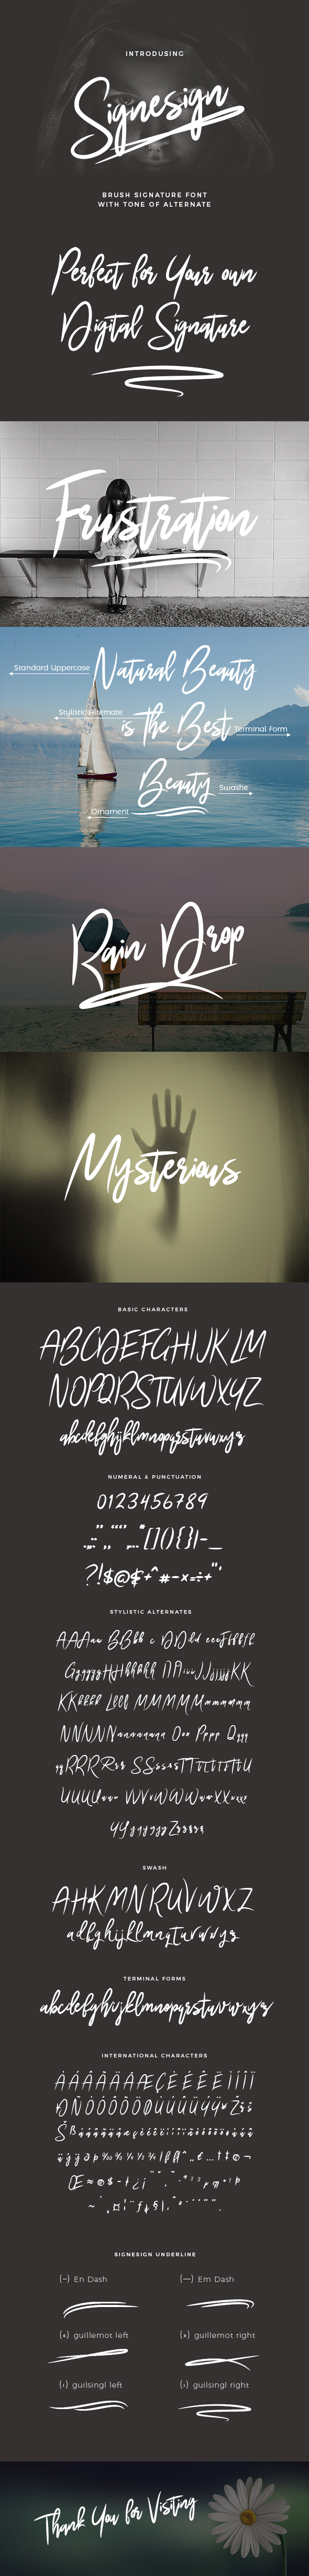 Signesign | Signature Brush Font - Calligraphy Script